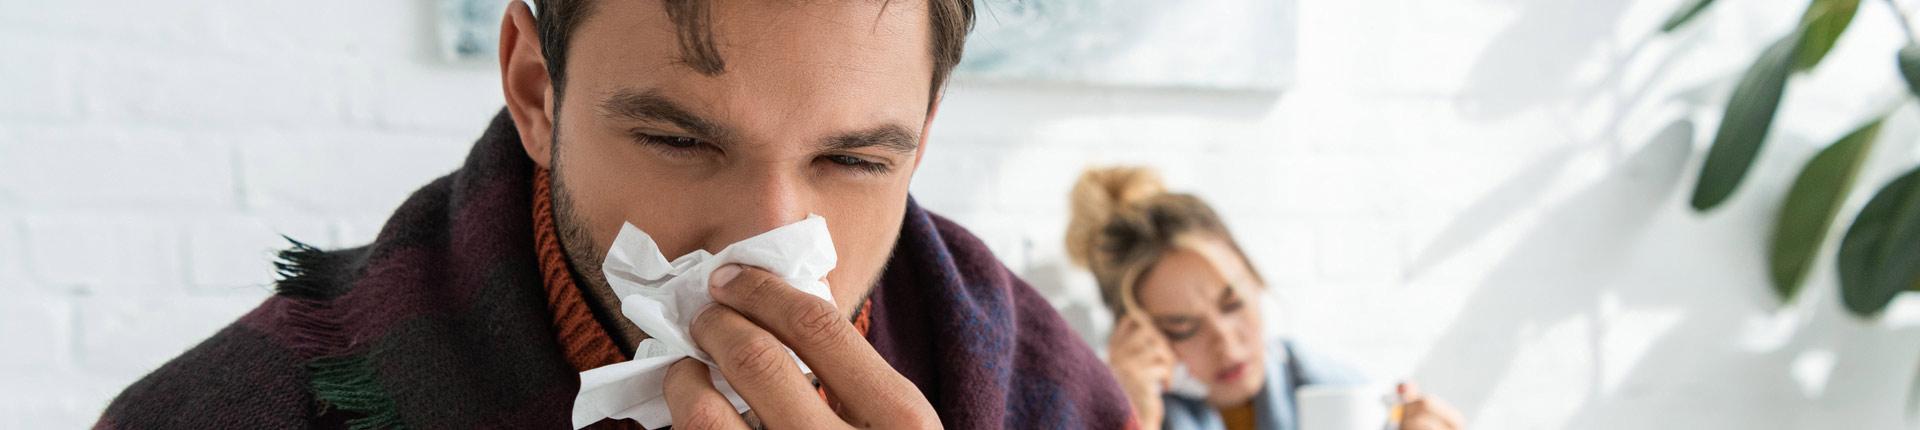 Czy witamina C skraca czas trwania przeziębienia?